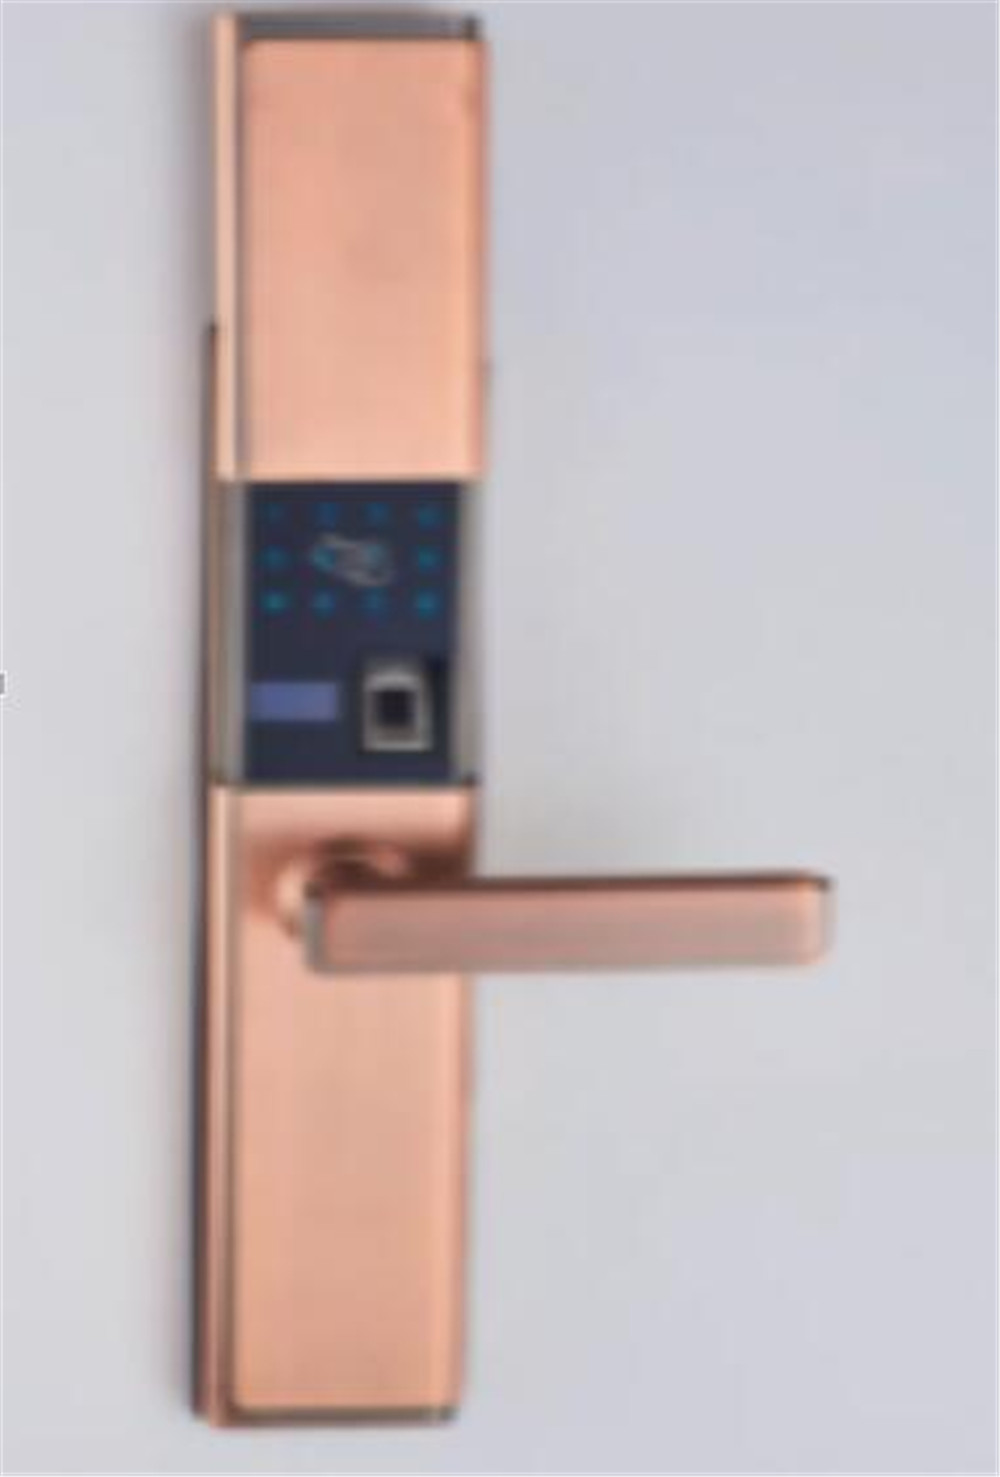 Güvenlik ve Koruma'ten Elektrikli Kilit'de App Uzaktan Kumanda Parmak Izi/Şifre/KIMLIK Kartı erişim kontrollü kapı kilidi title=